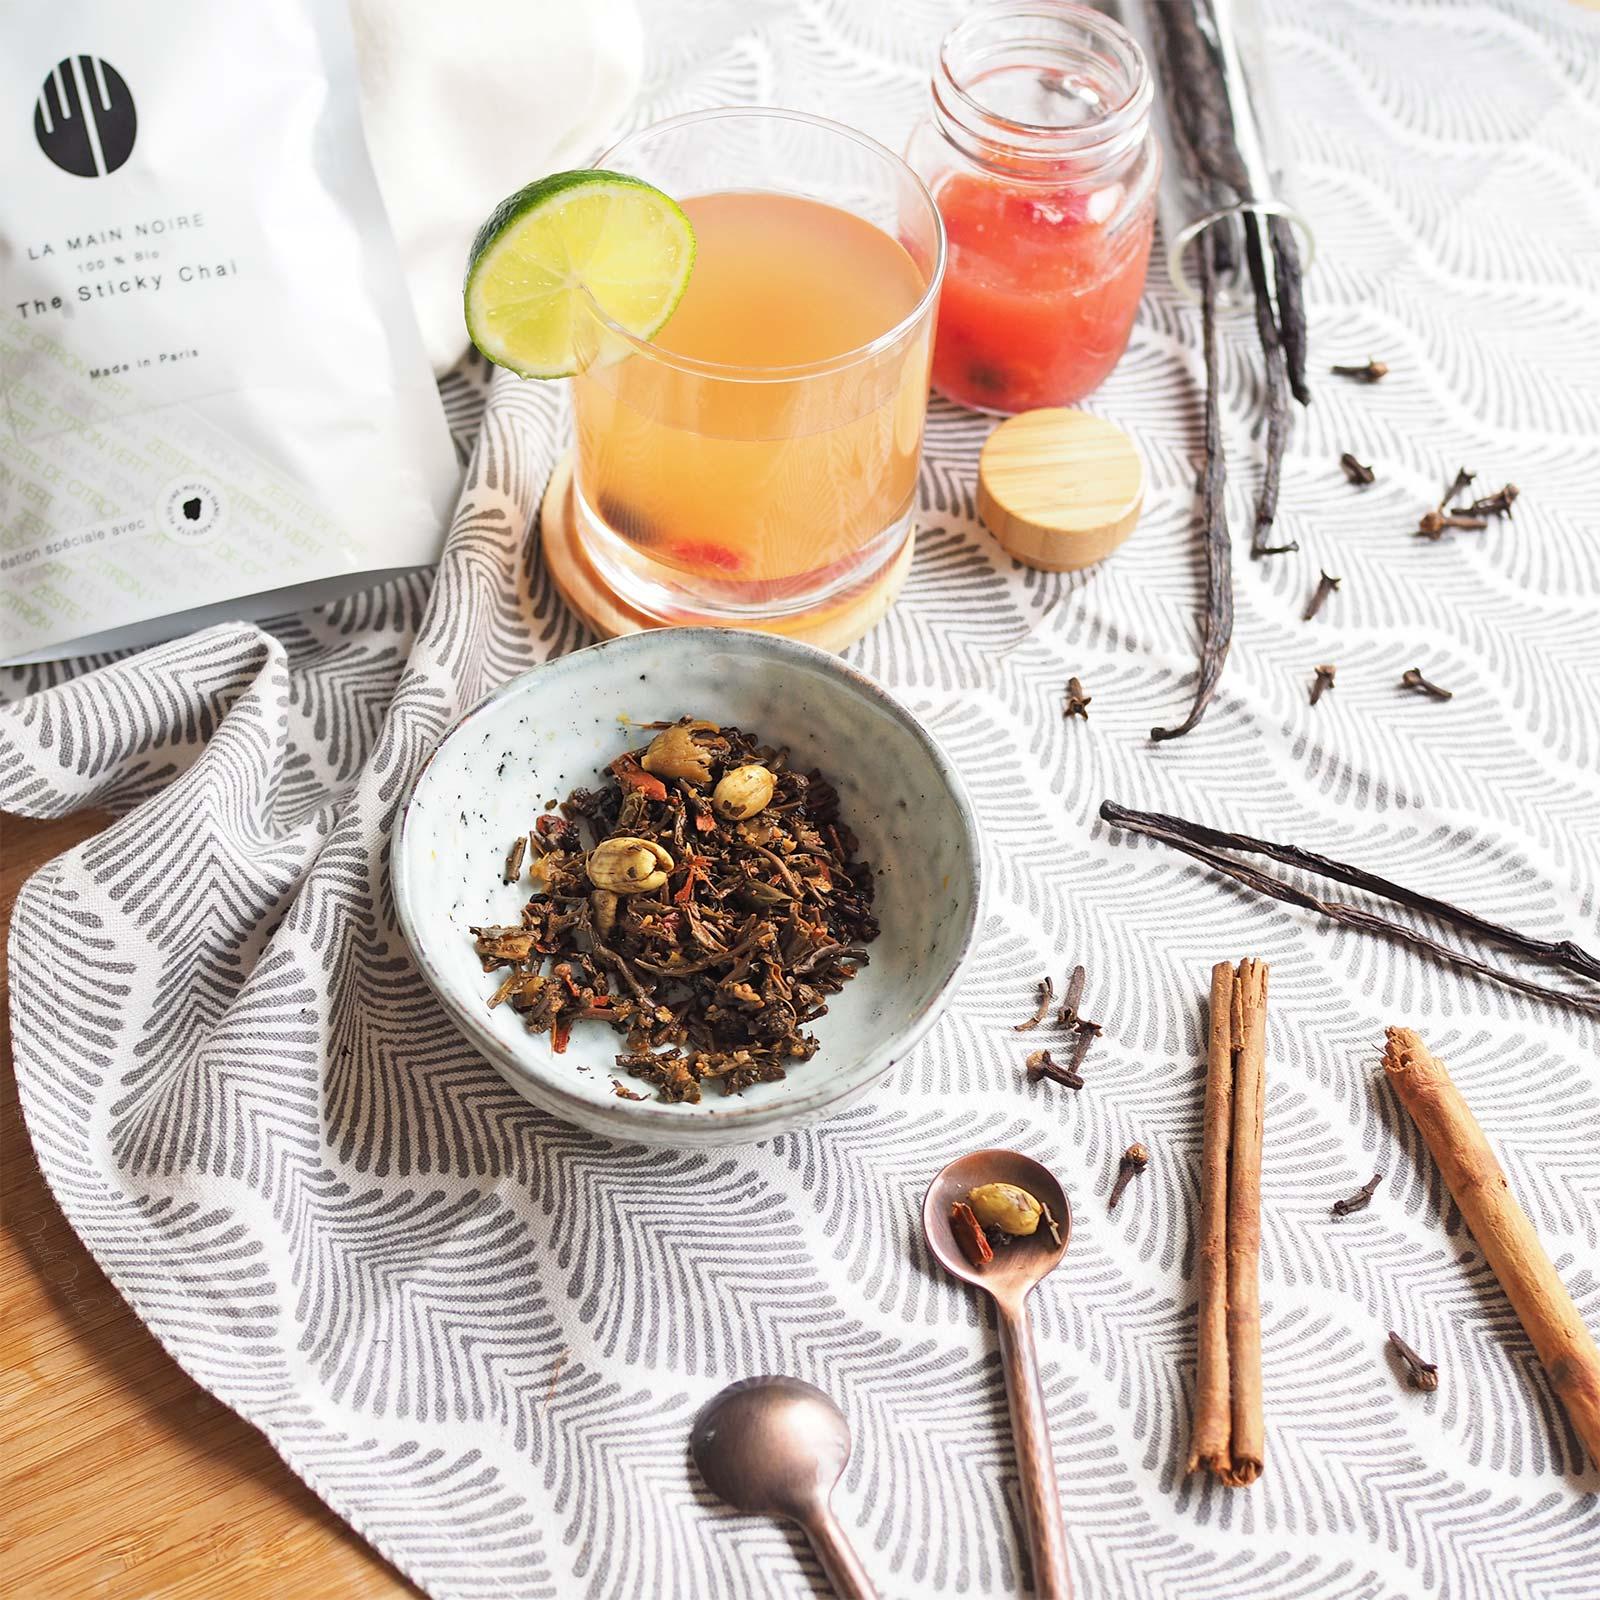 recette boisson agrumes sticky chaï original la main noire Paris gingembre cannelle vanille Madagascar laboutiquedemelimelo